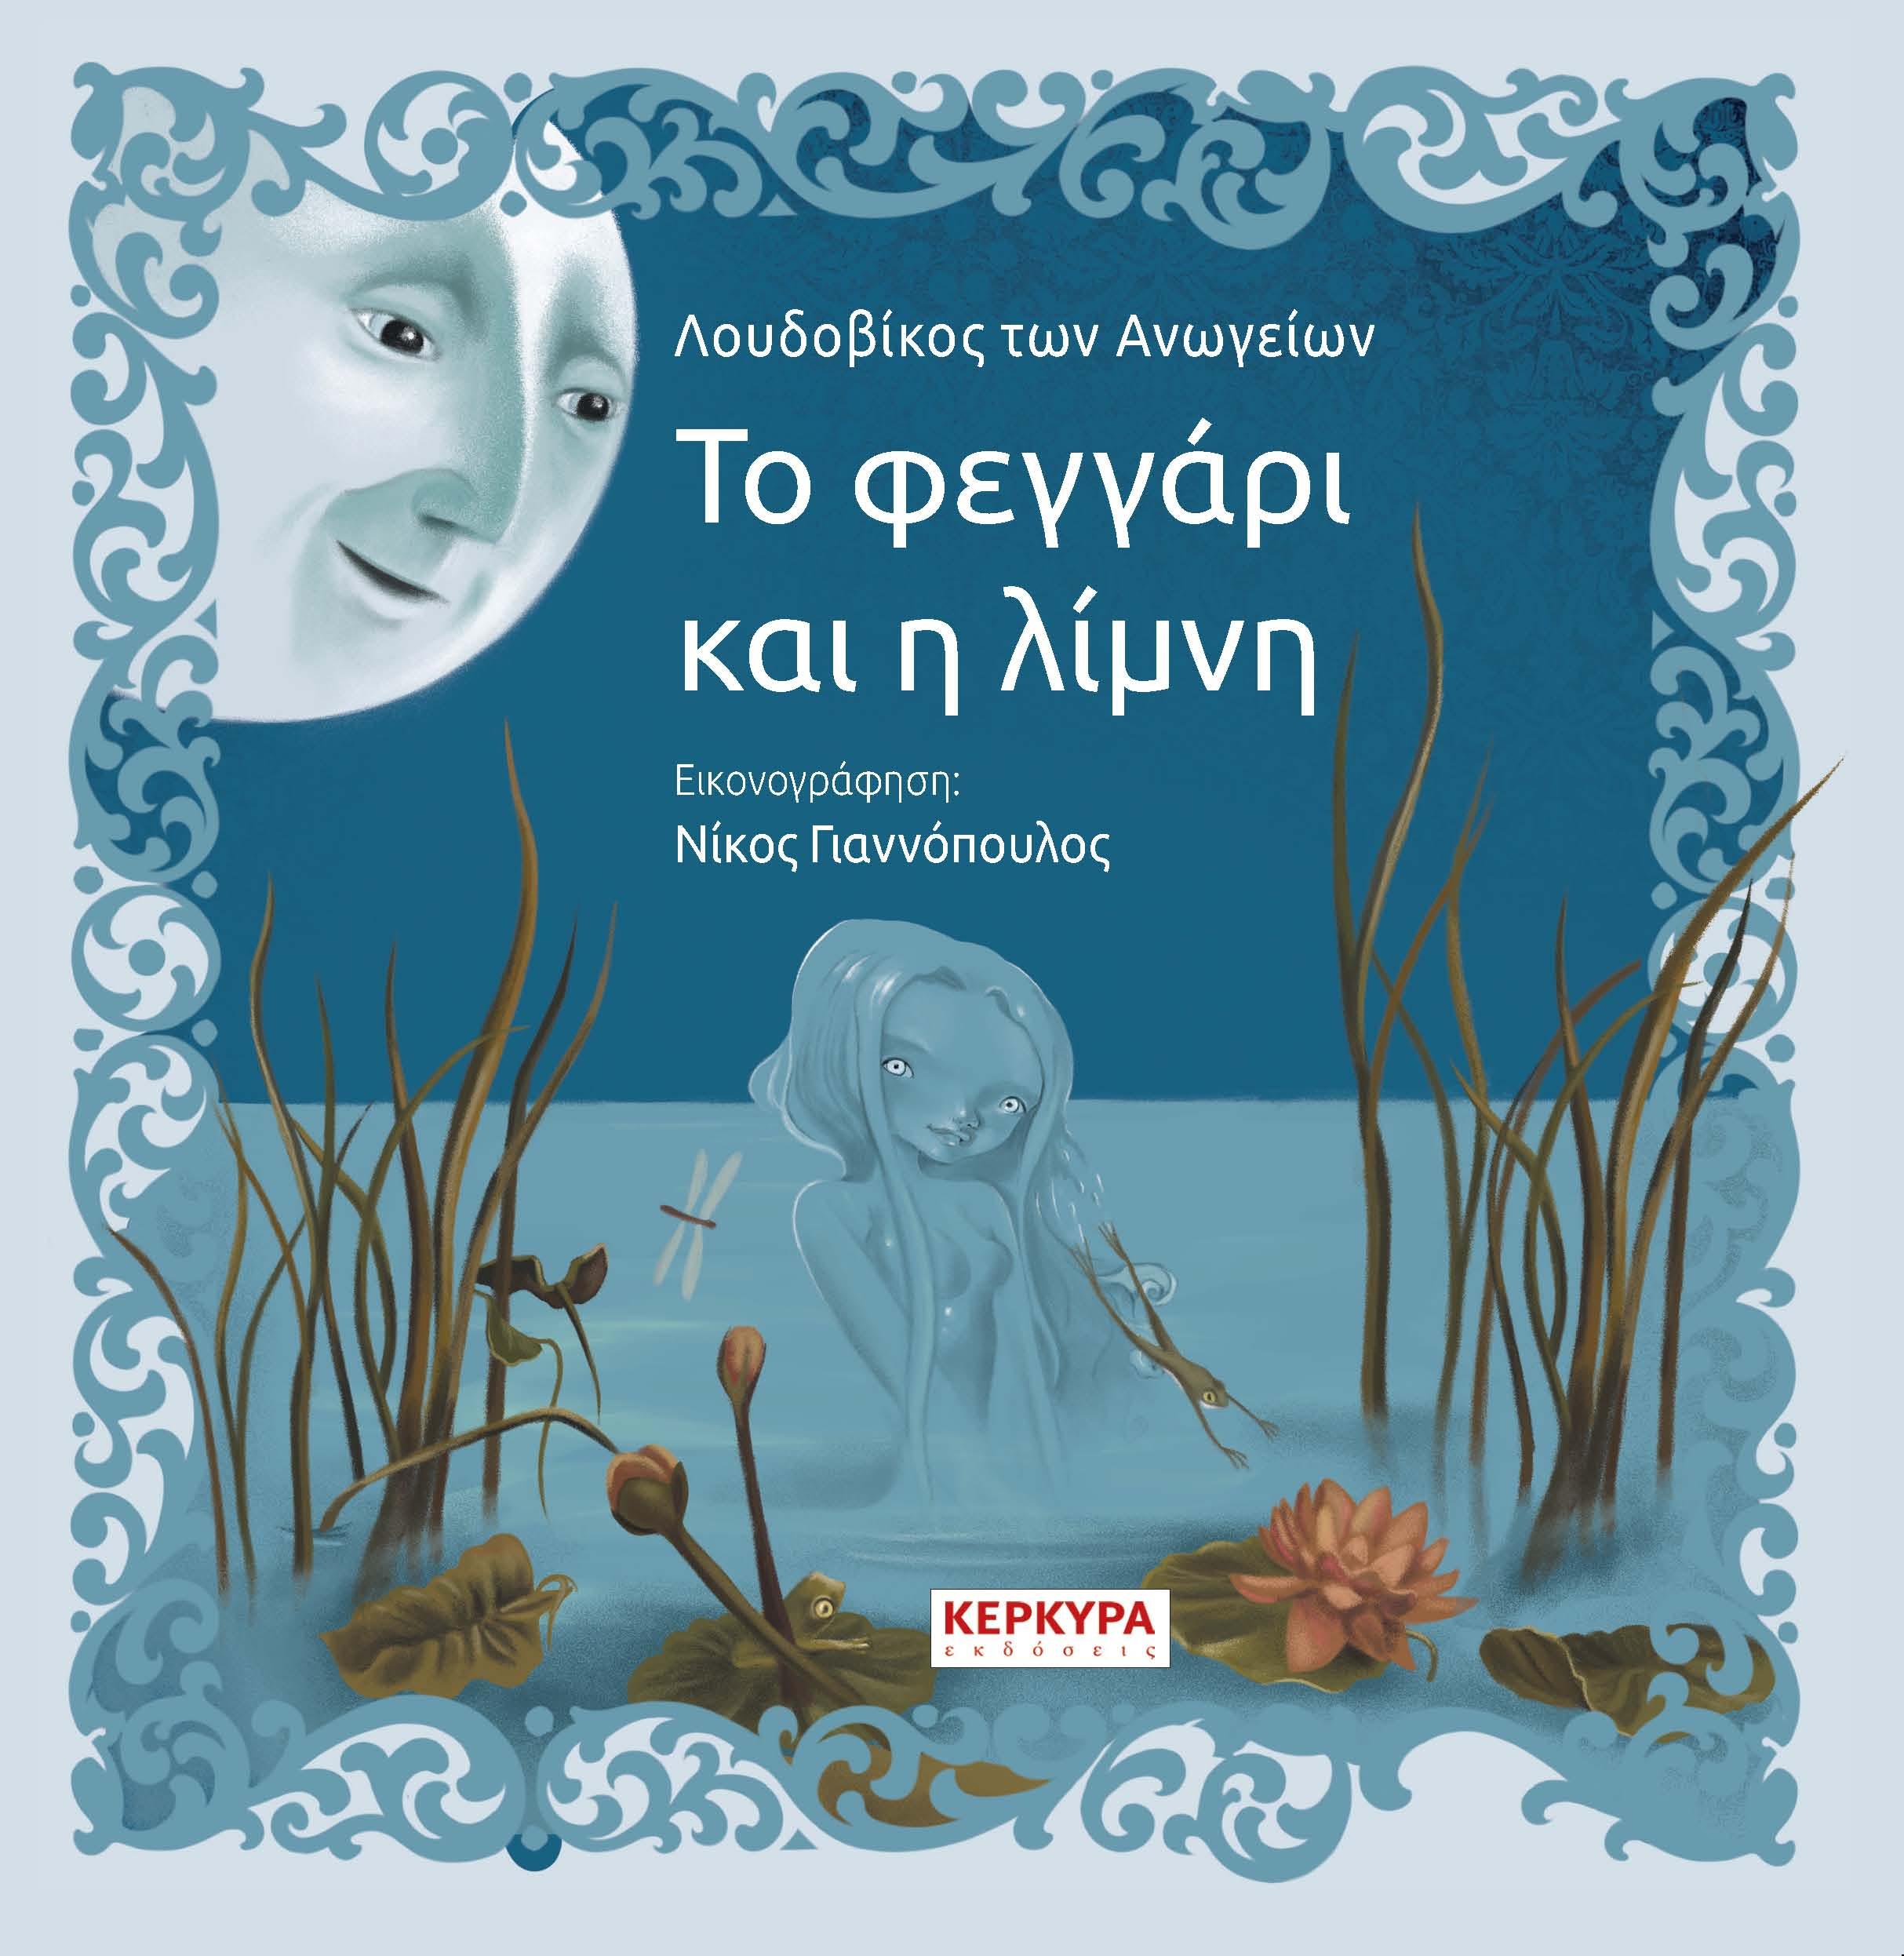 Το φεγγάρι και η λίμνη, , Λουδοβίκος των Ανωγείων, Εκδόσεις Κέρκυρα - Economia Publishing, 2020